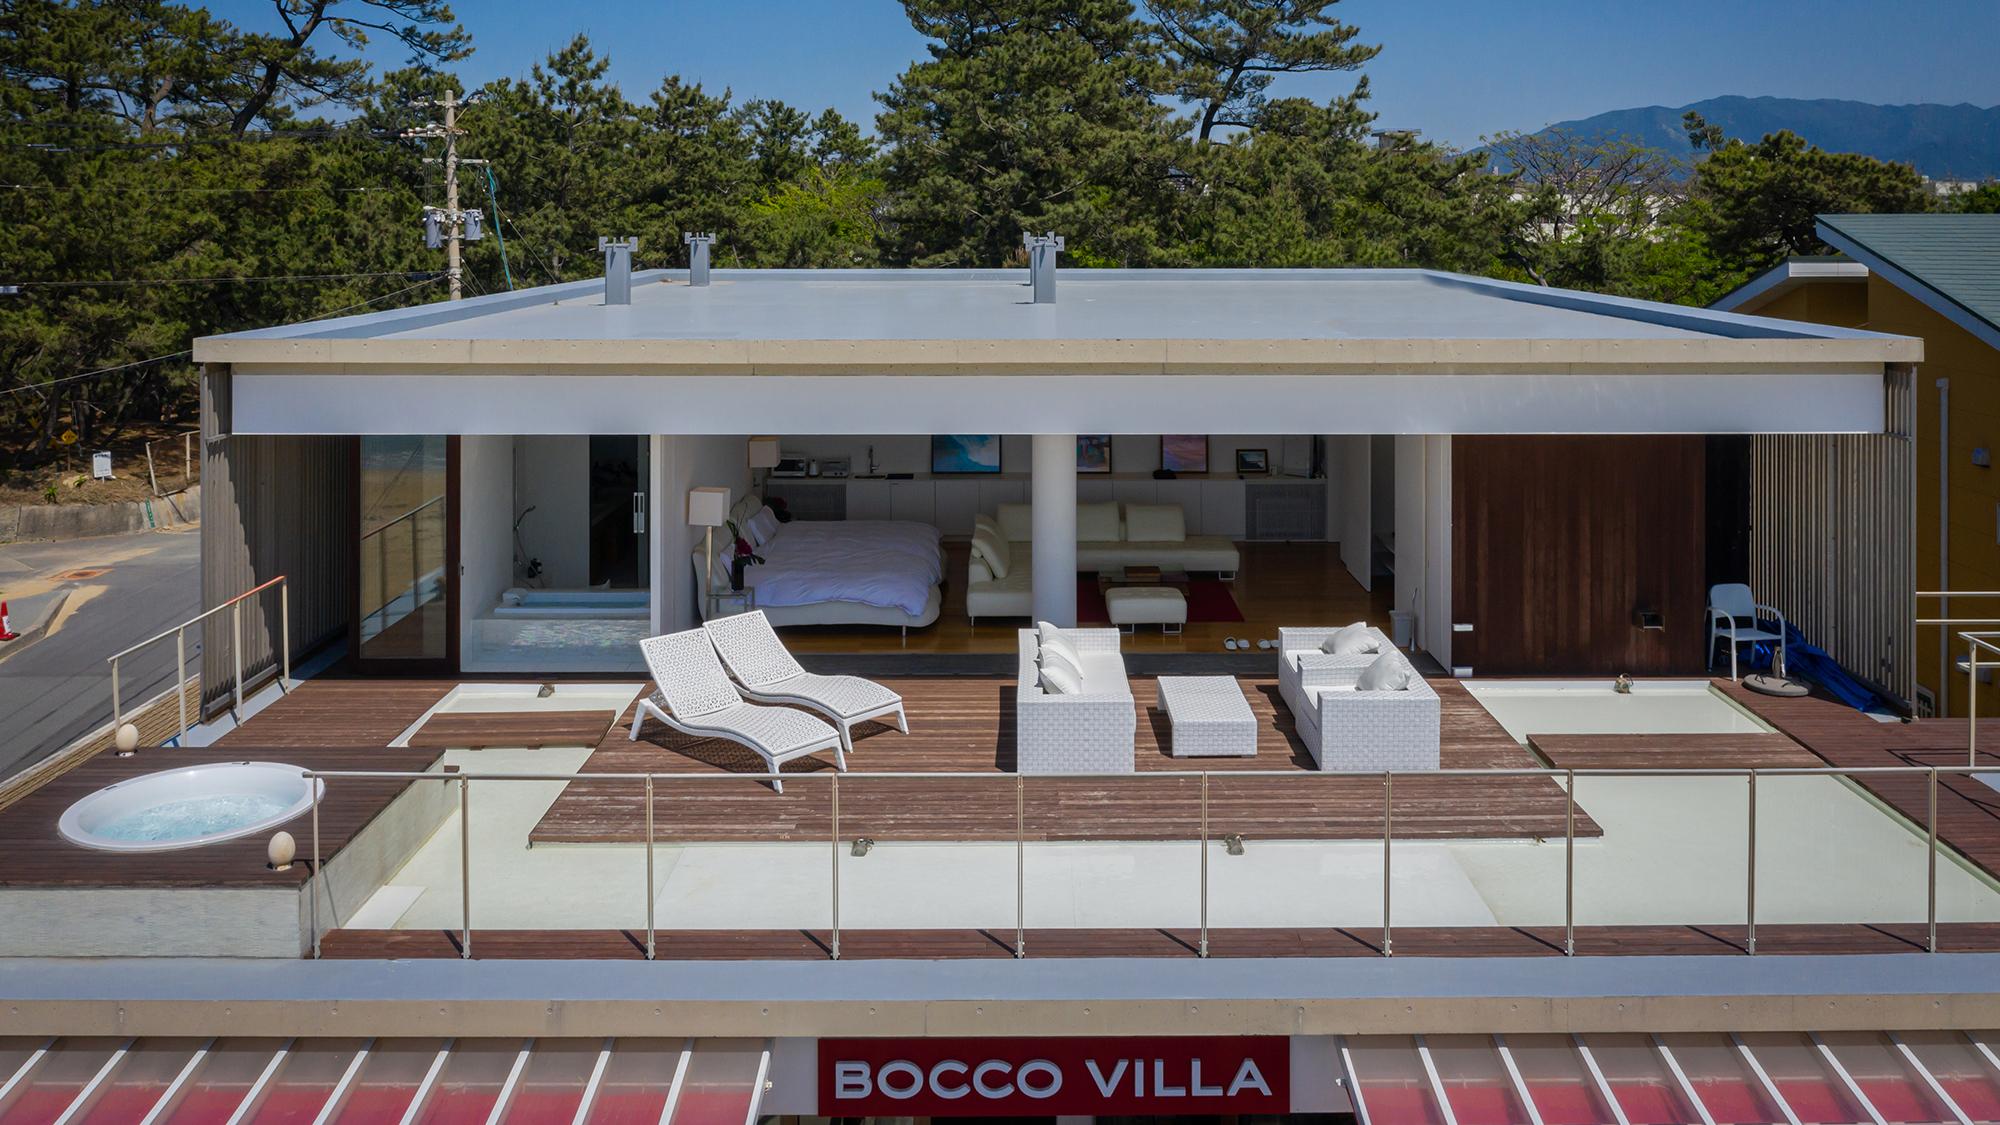 BOCCO VILLA(ボッコヴィラ)